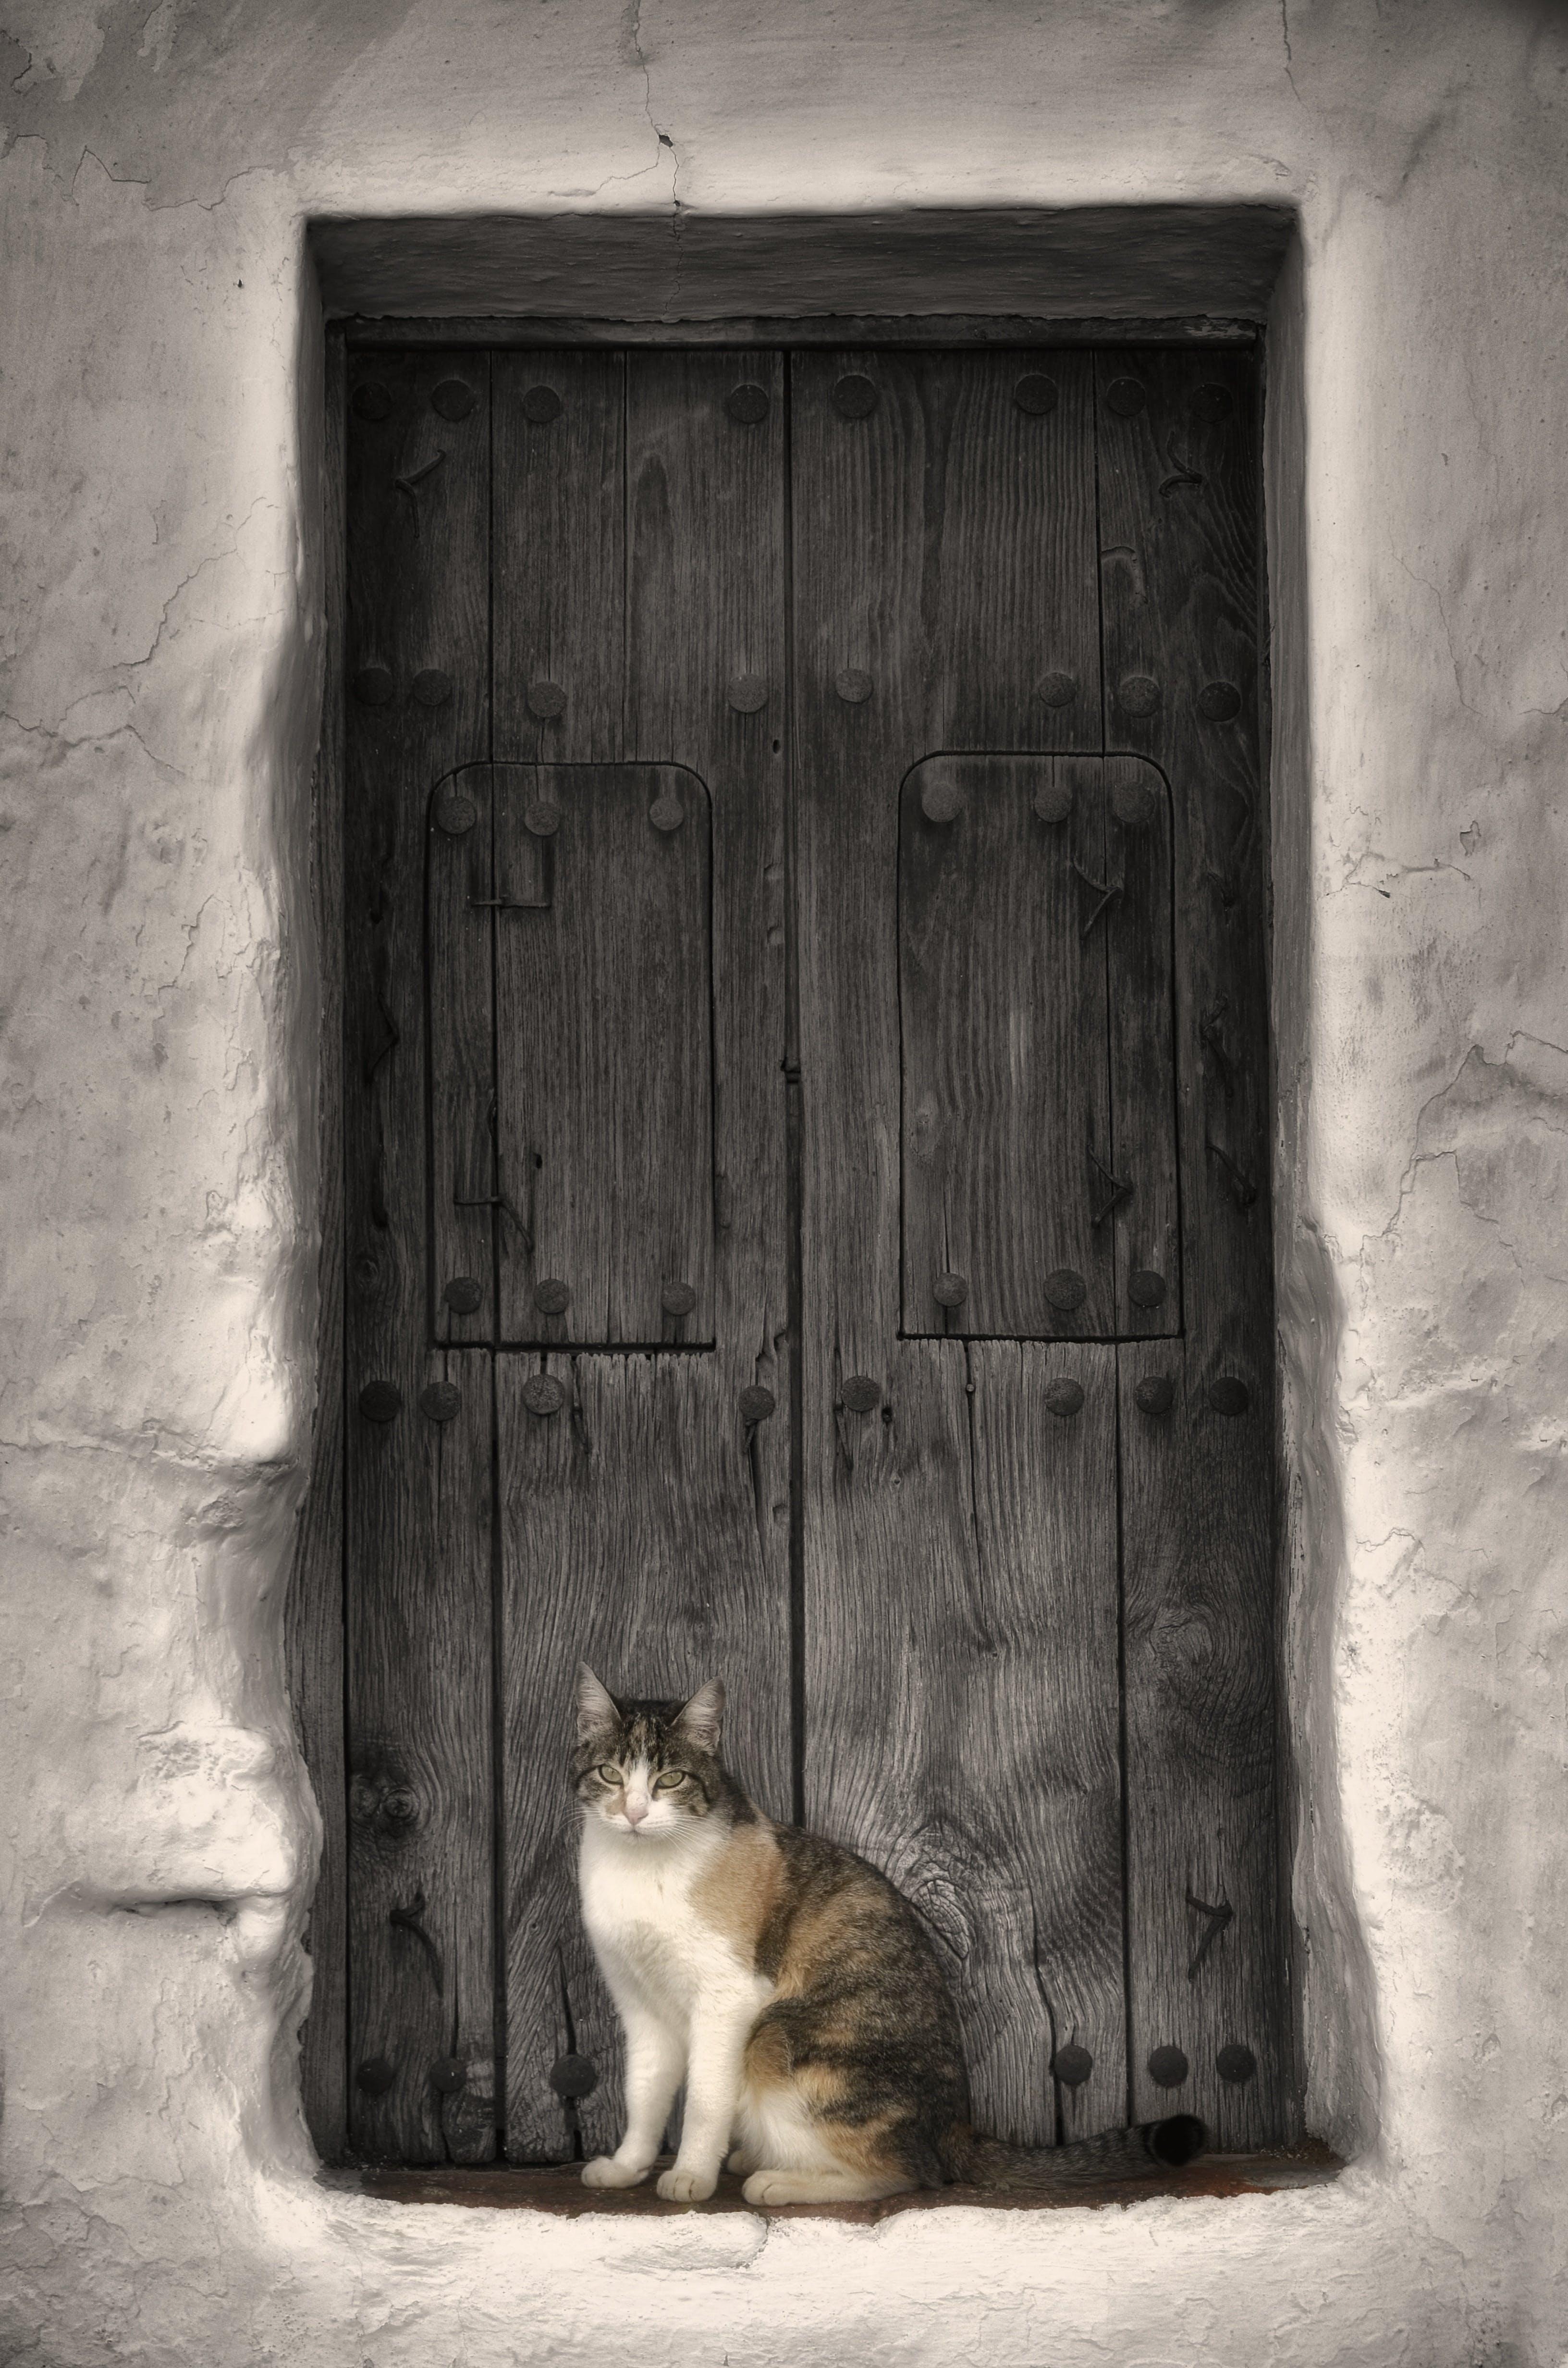 クラシック, ドア, ネコ, ビンテージの無料の写真素材